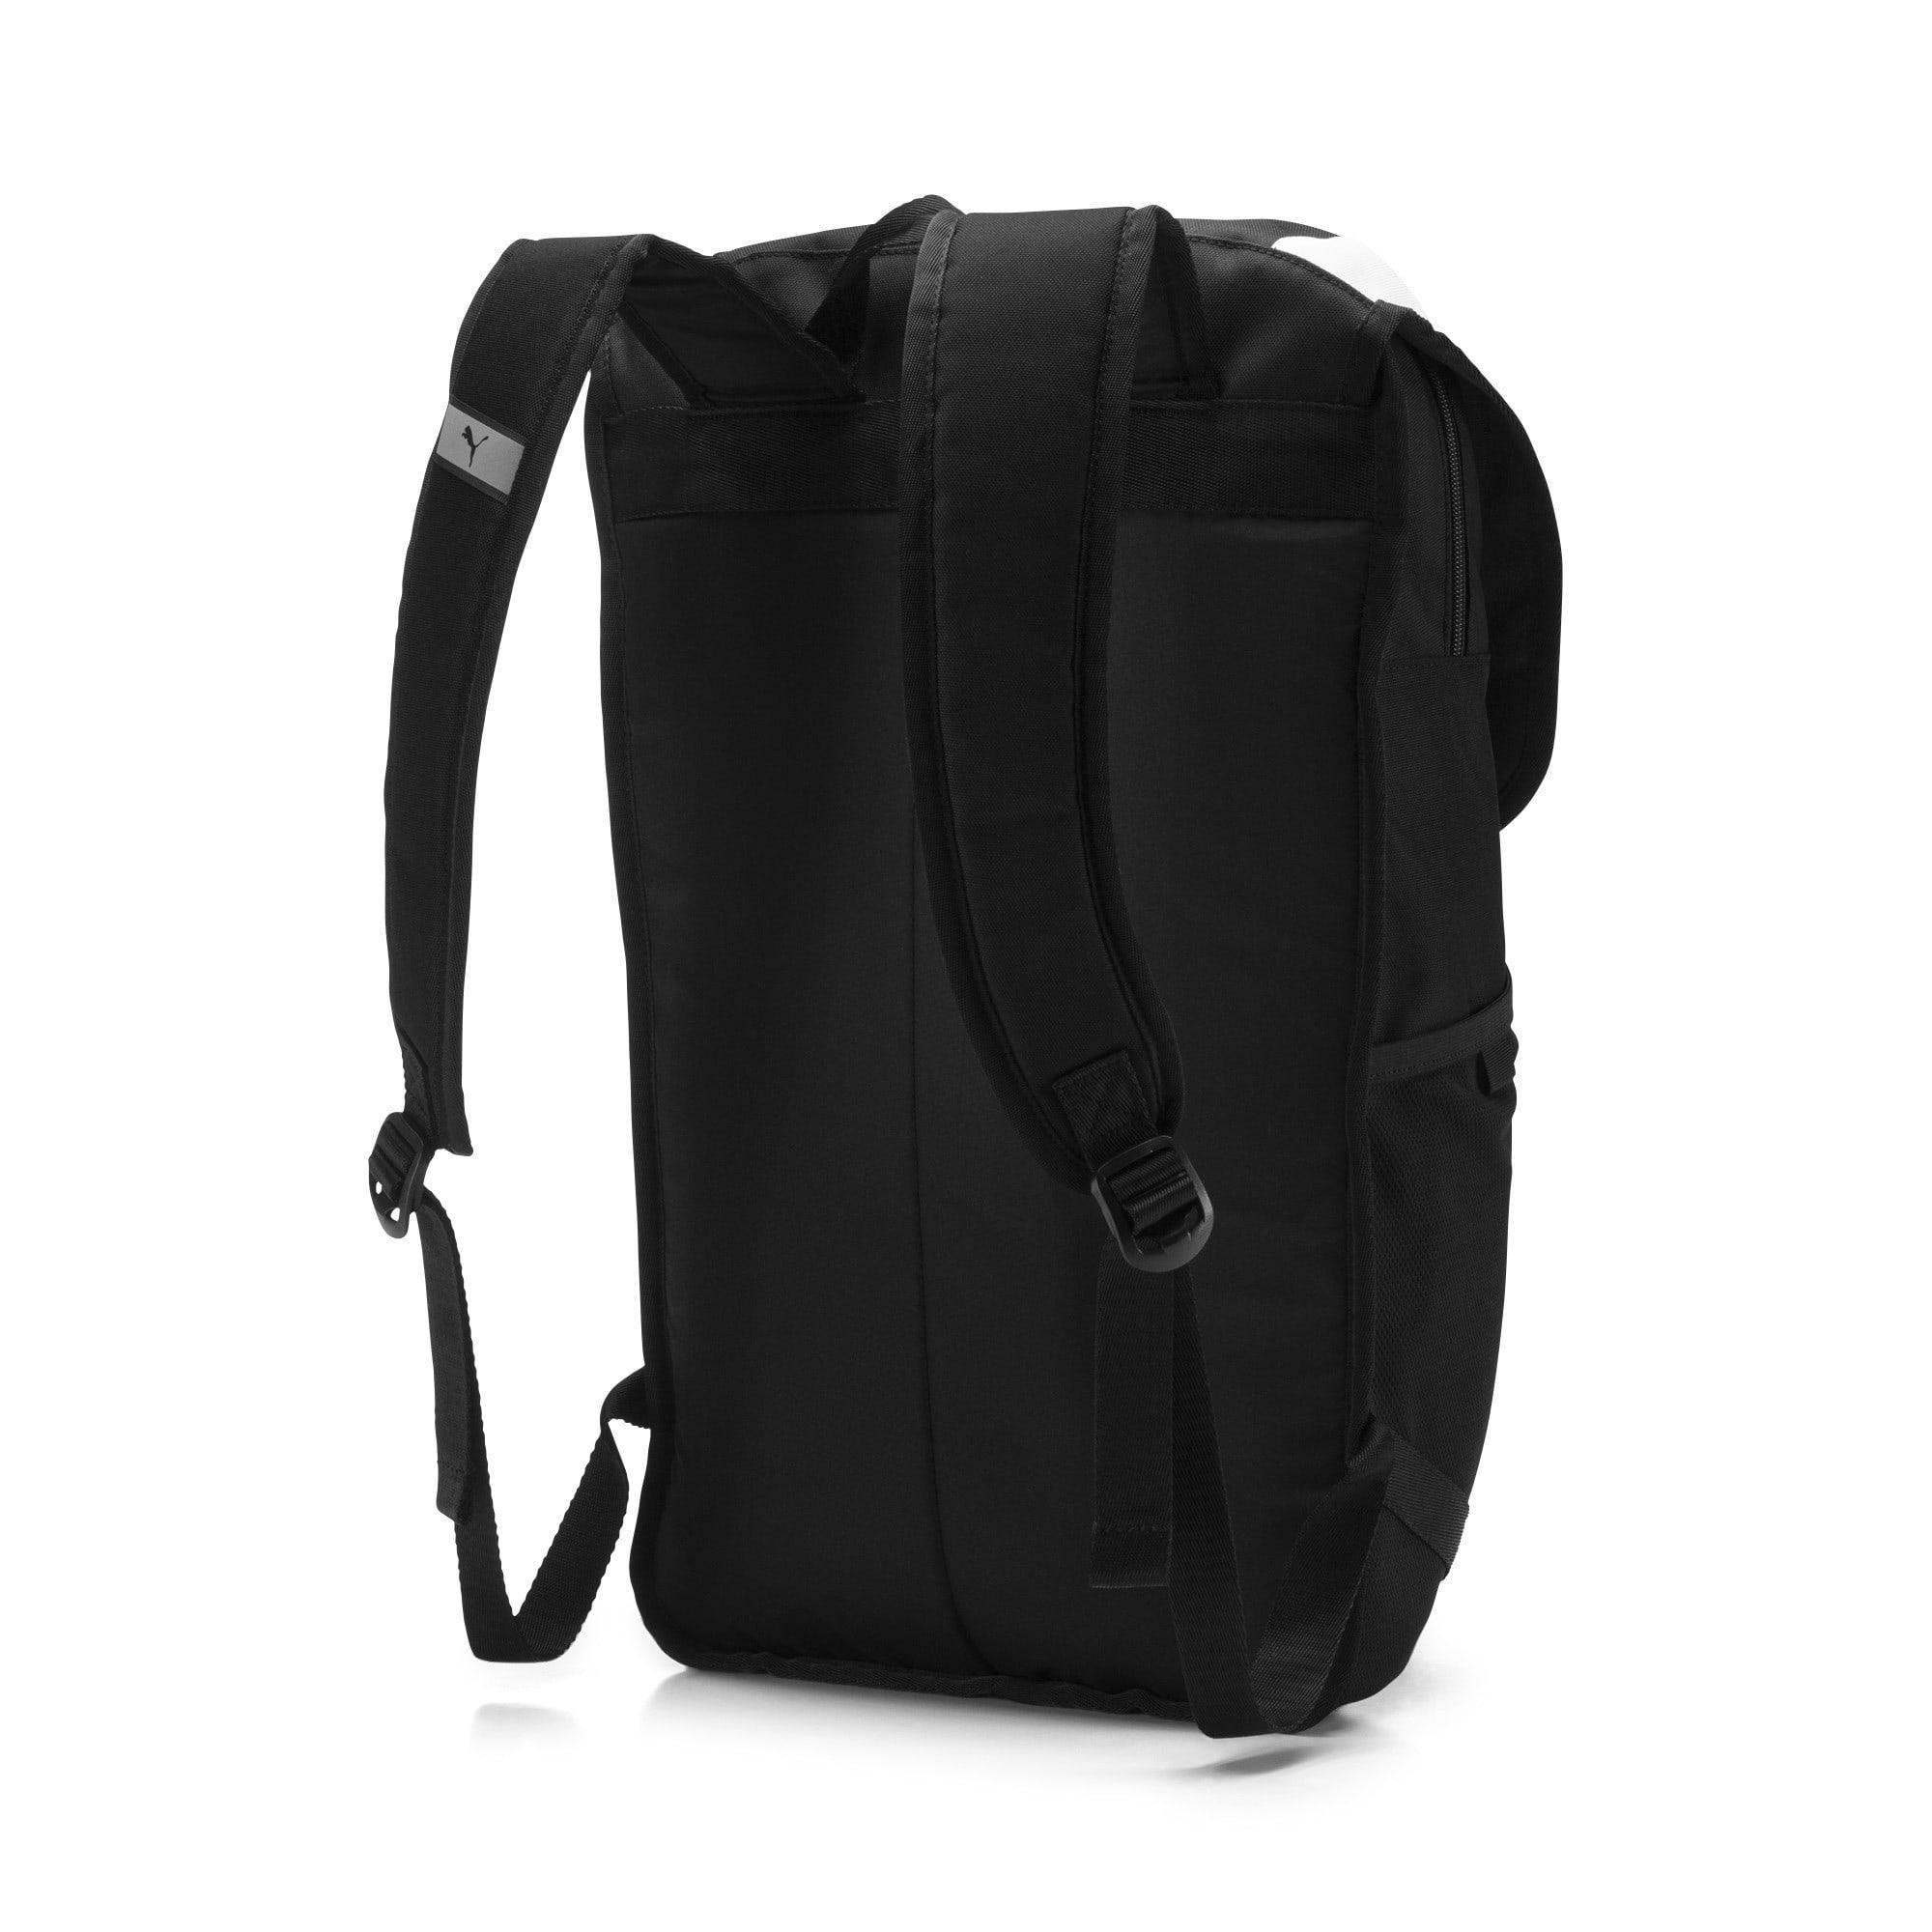 Thumbnail 4 of Scuderia Ferrari Fanwear Backpack, Puma Black, medium